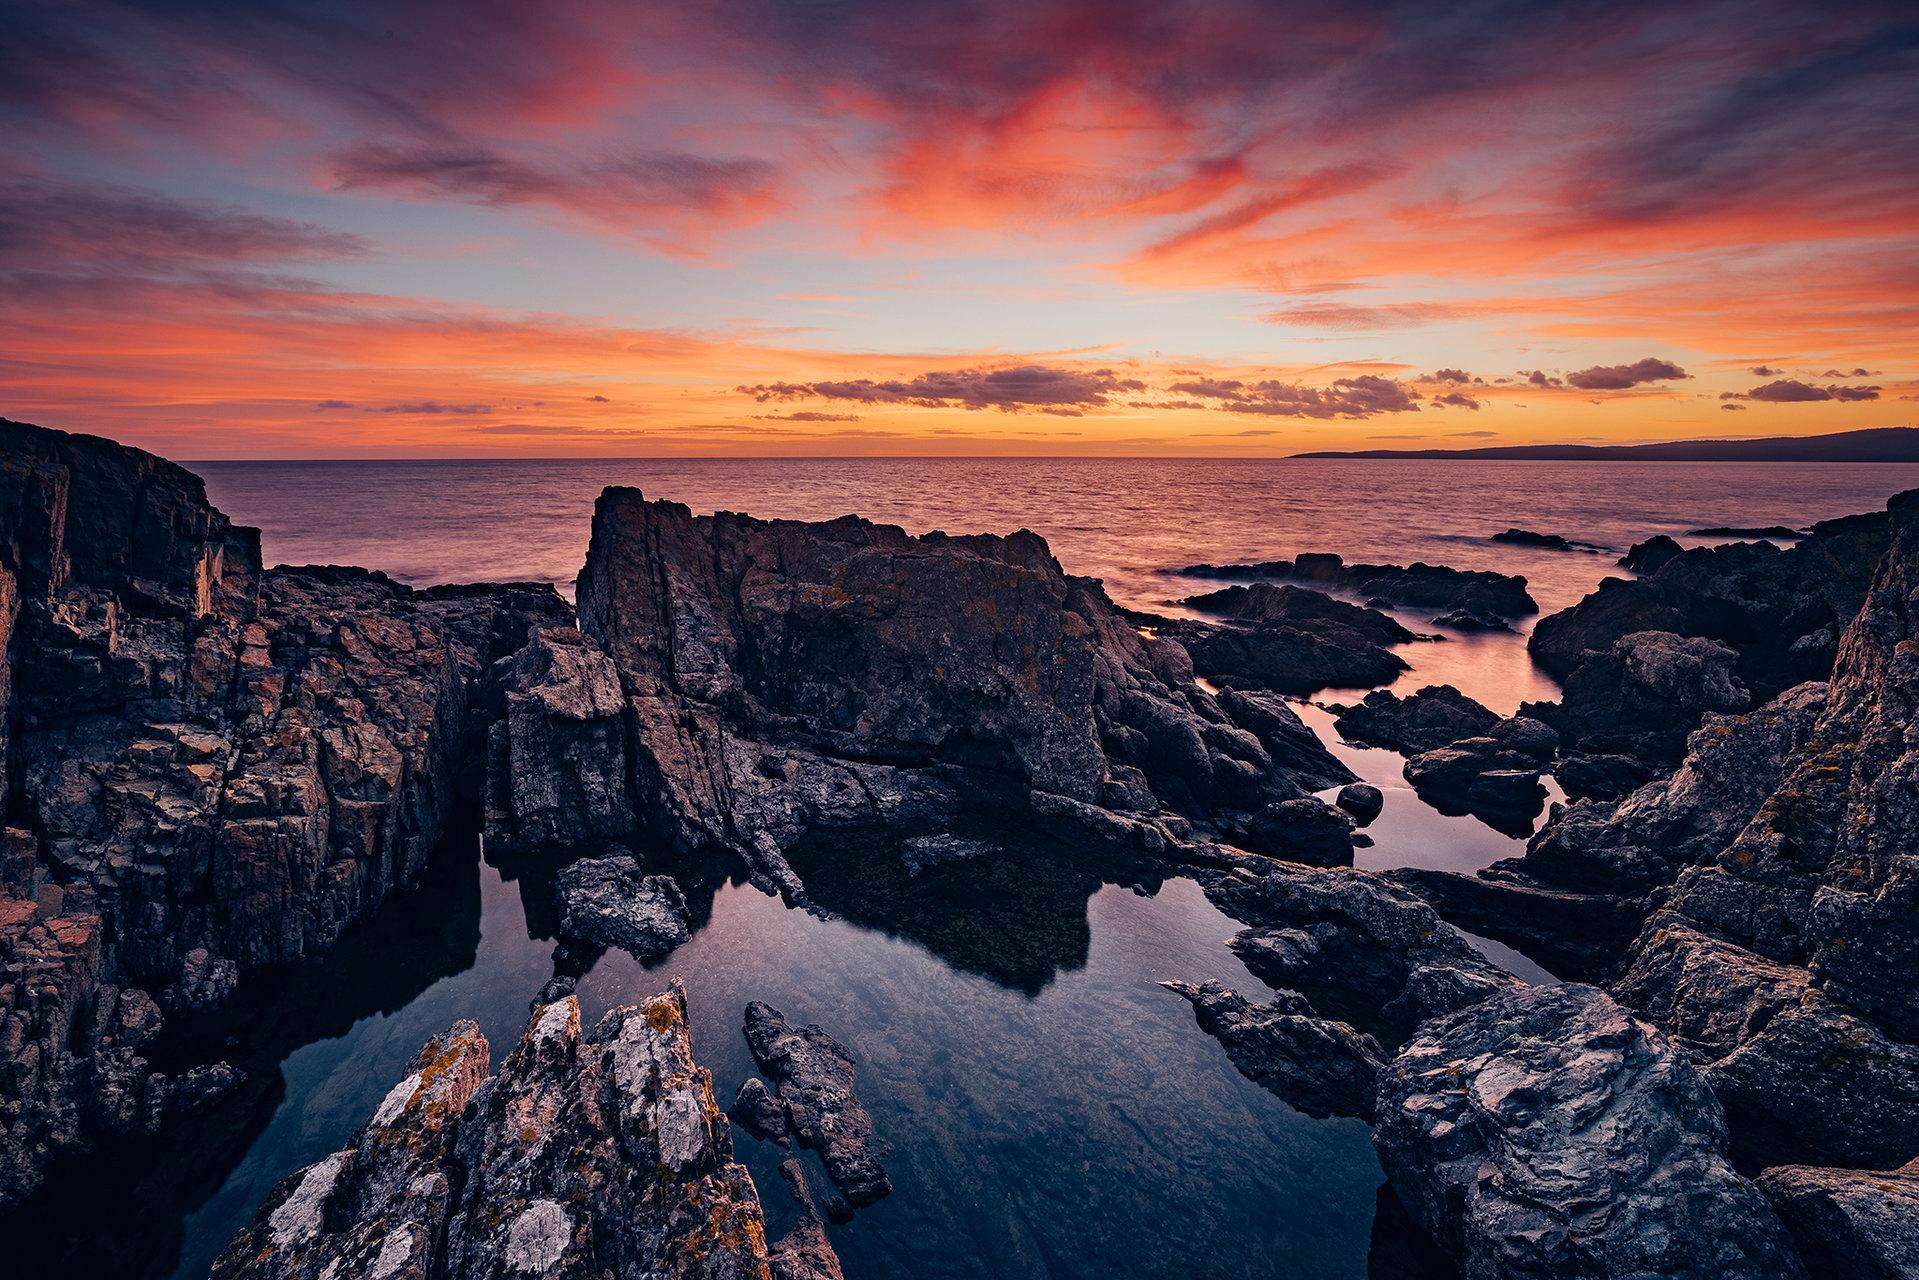 Moment before sunrise   Author Photodock   PHOTO FORUM